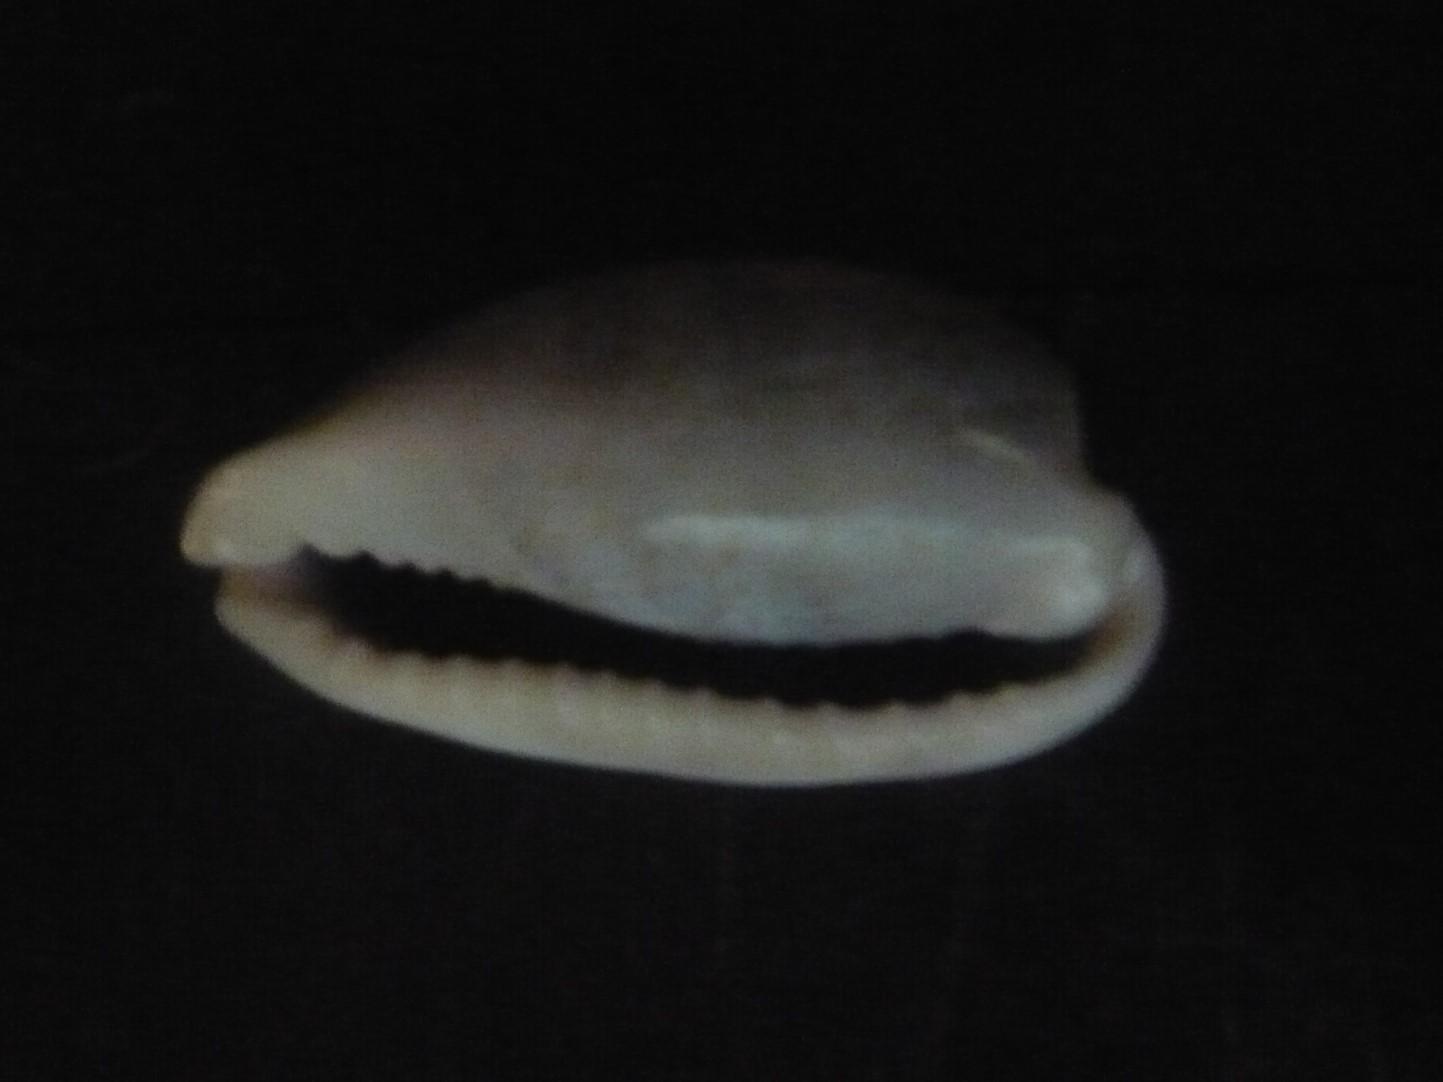 Erronea errones -Linnaeus,1758- P1060912